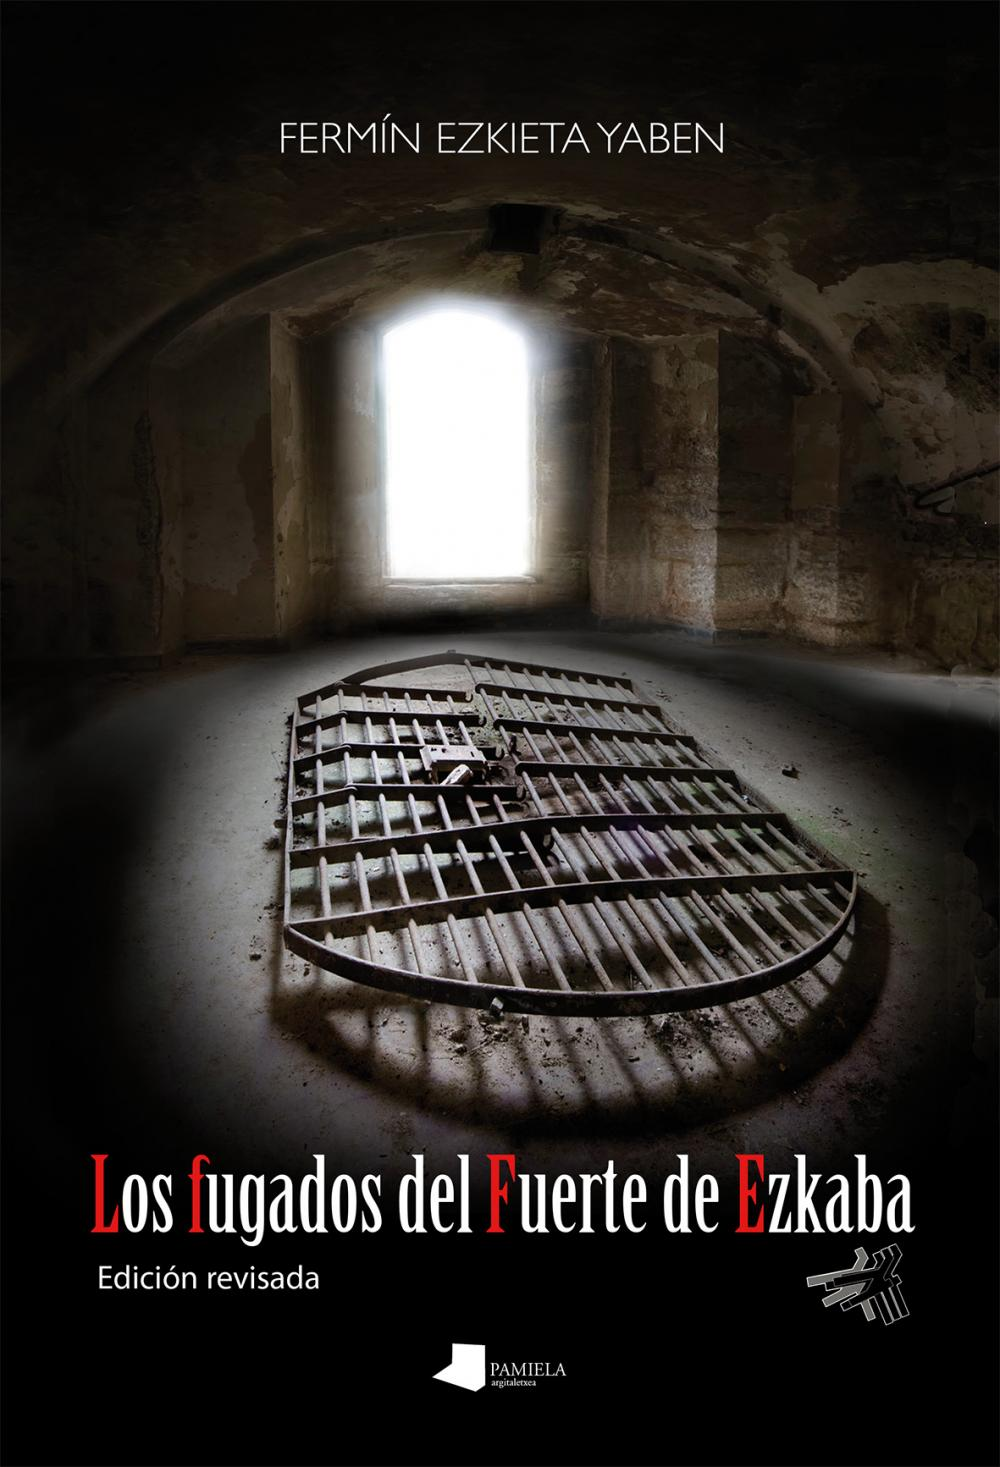 Los fugados del Fuerte de Ezkaba